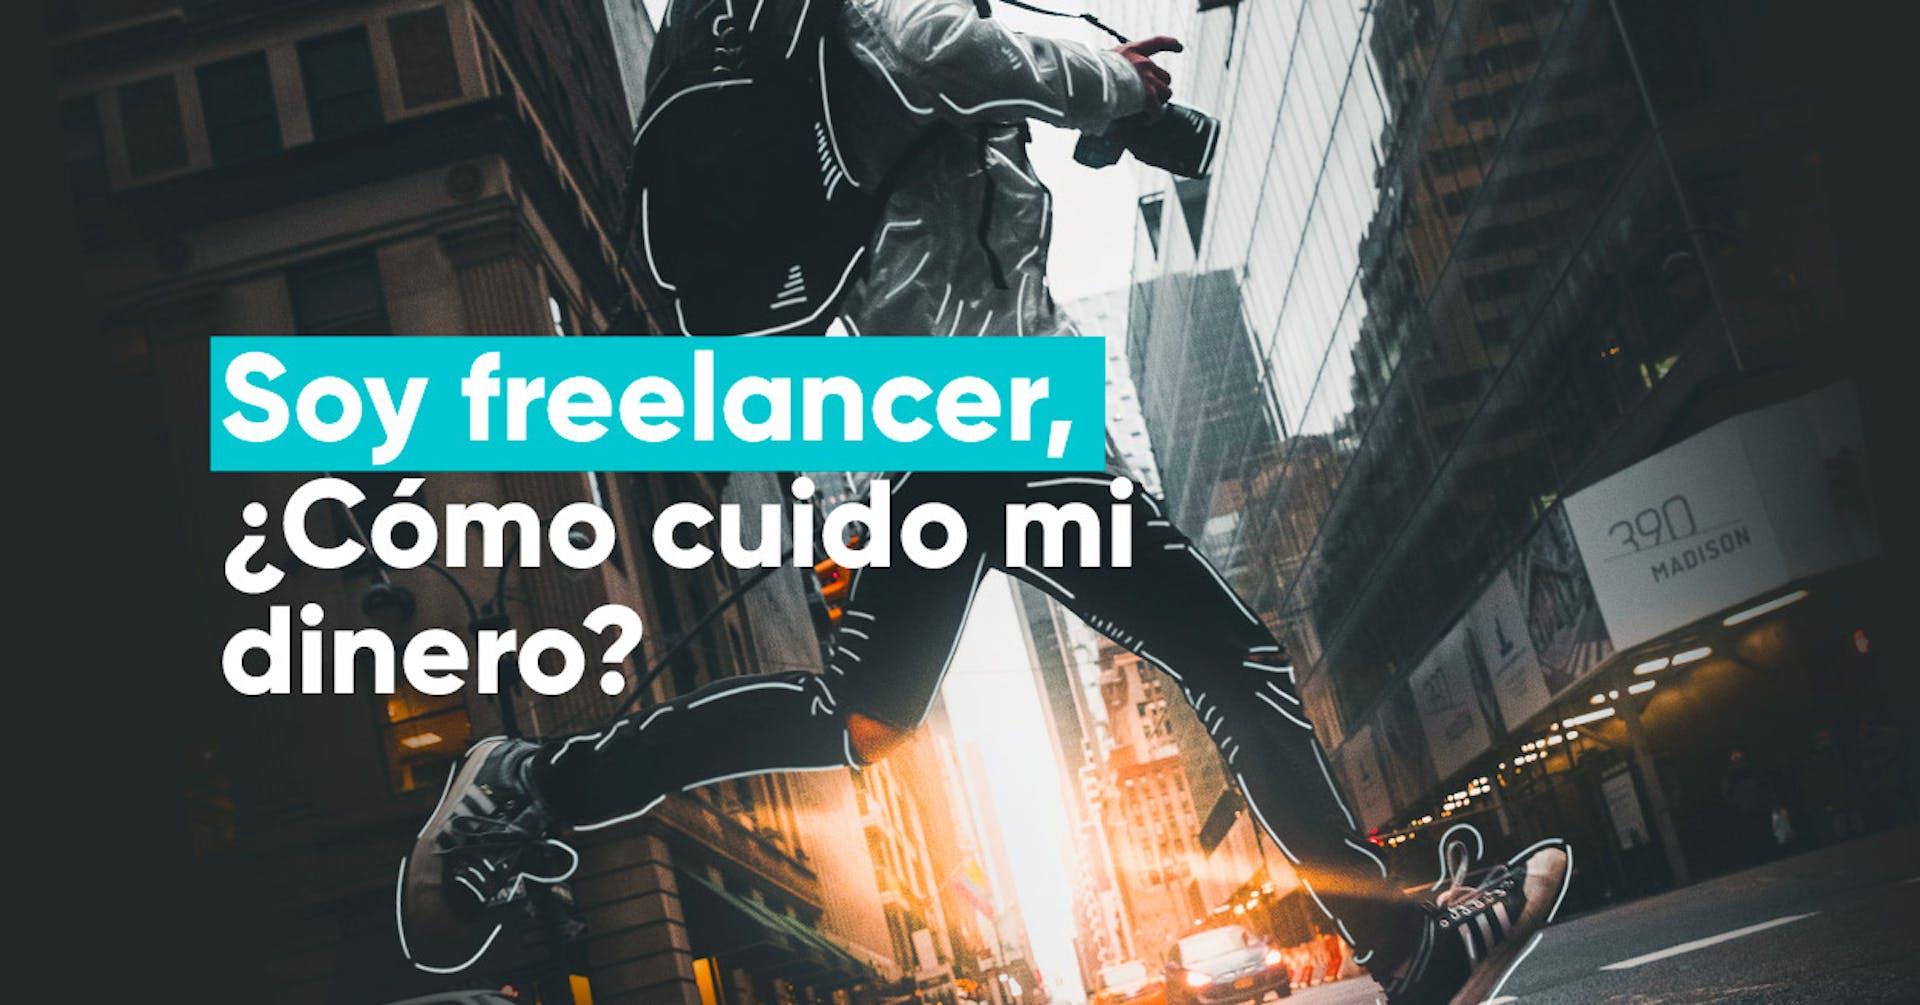 Soy freelancer, ¿cómo cuido mi dinero?